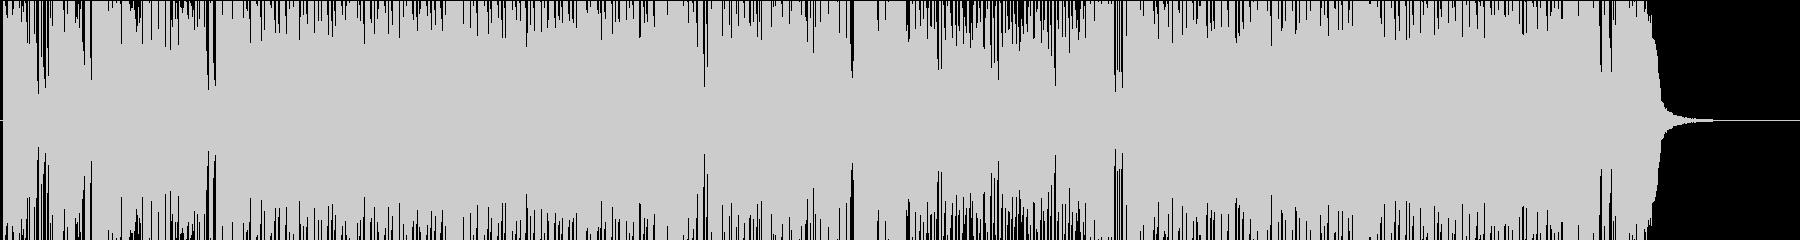 疾走感のある和風のロックBGMの未再生の波形